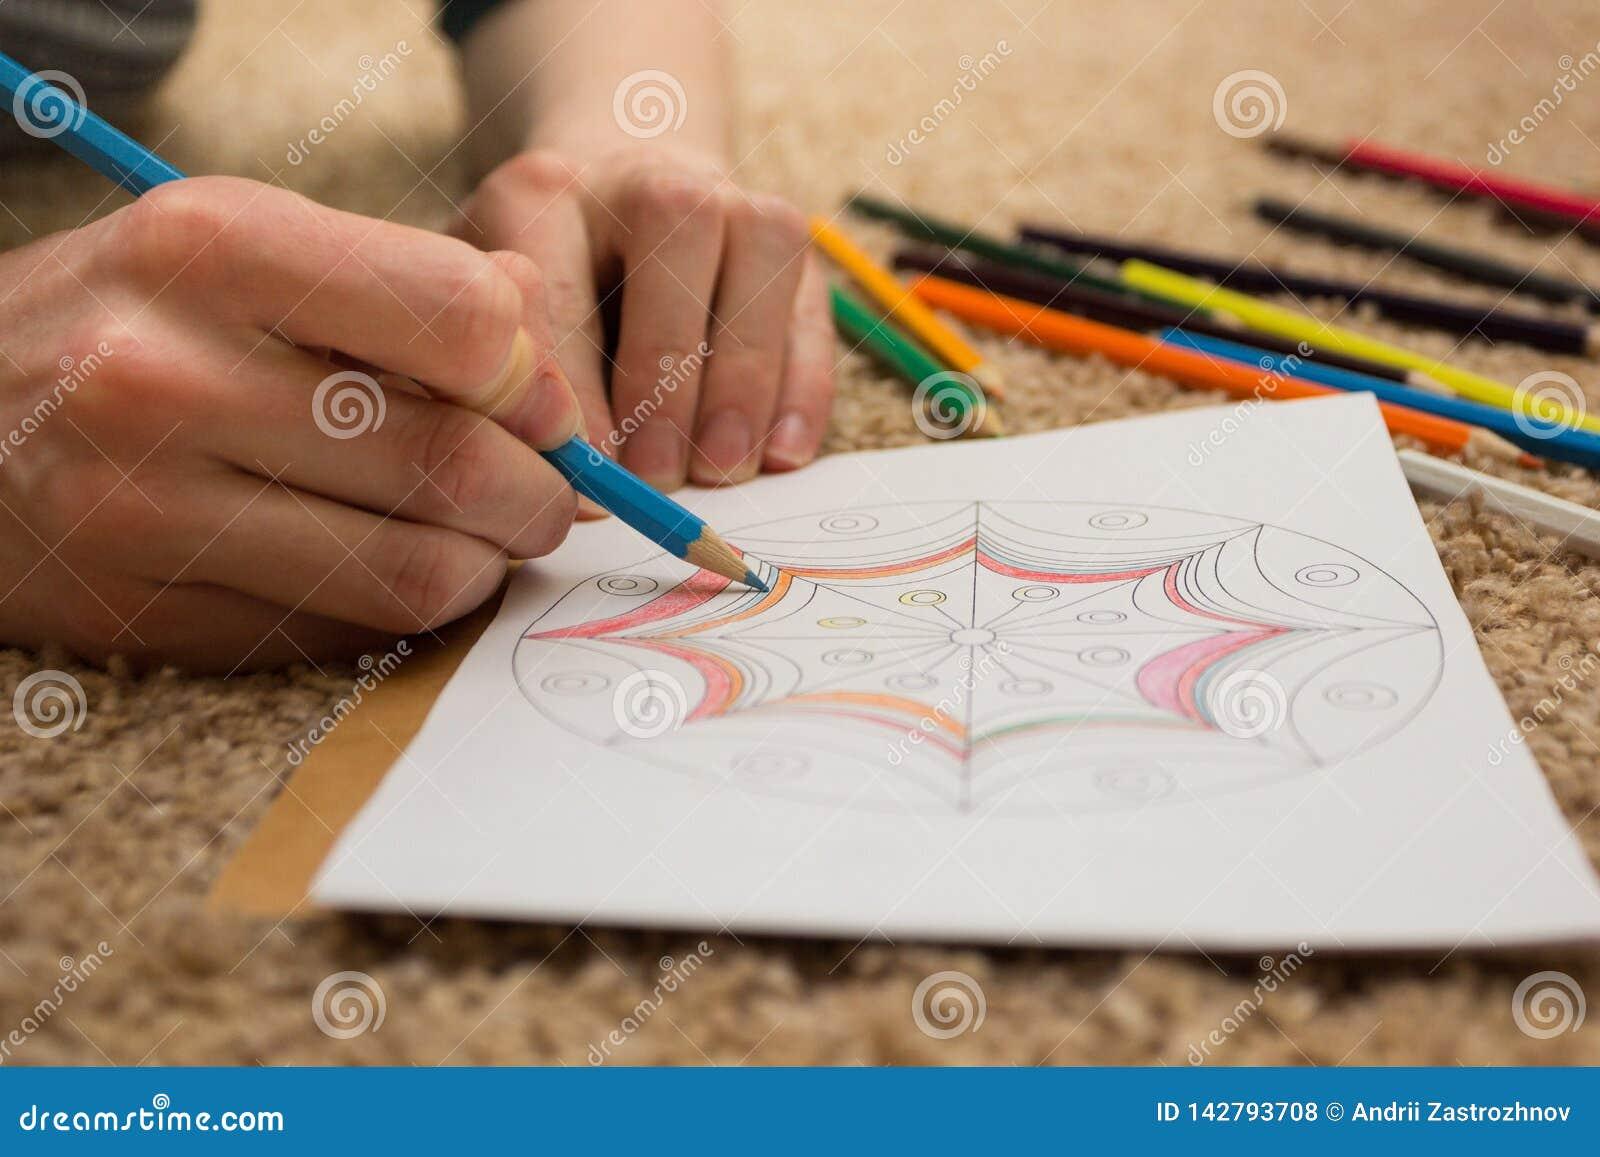 Gekleurd - antistress met blauw potlood Het meisje trekt op het tapijt